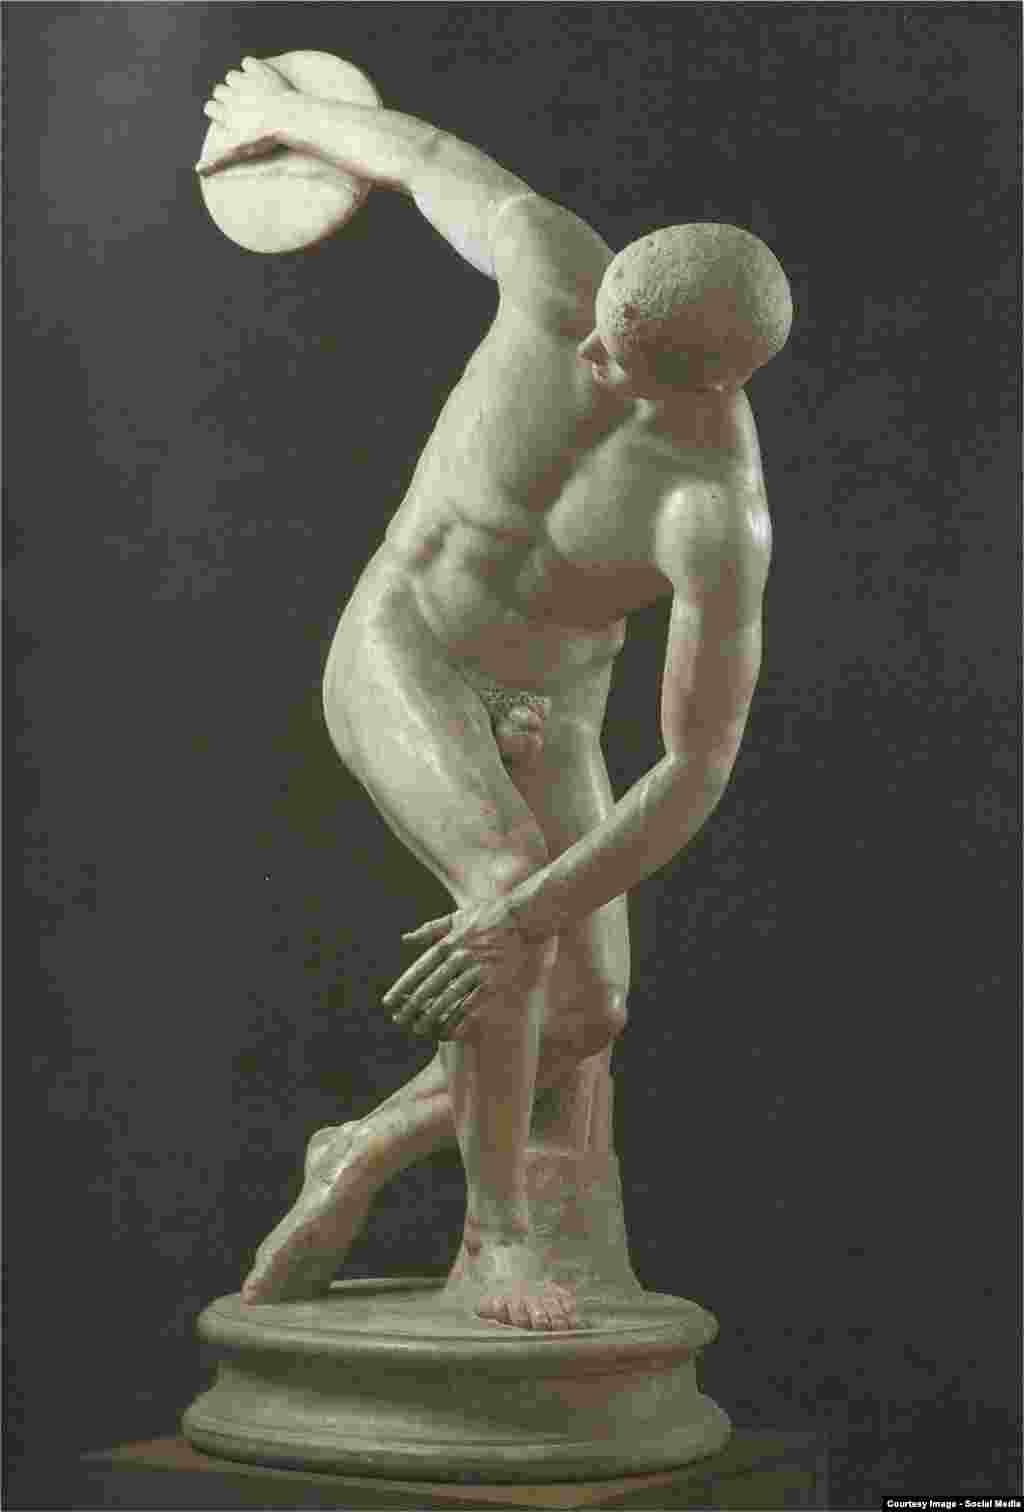 Celebrul Discobol al lui Miron, astăzi în Muzeul Vaticanului.